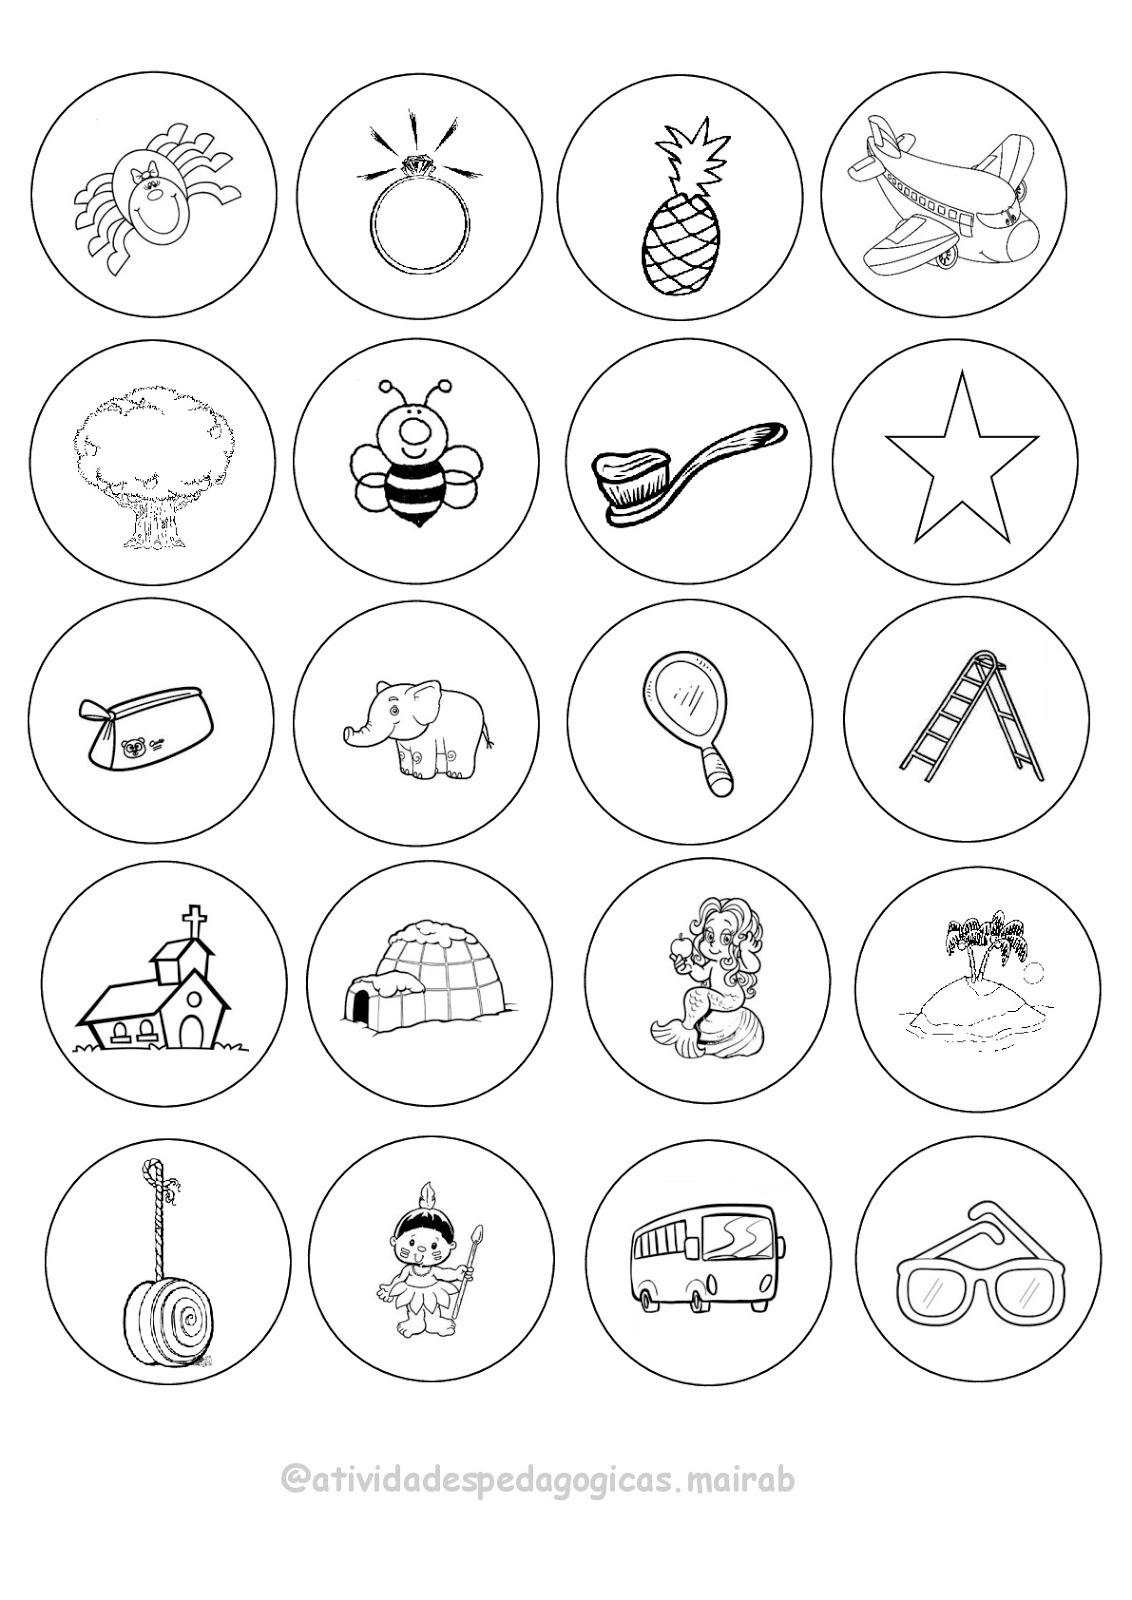 Fichas Com Figuras Que Comecam Com Vogais Diversas Maneiras De Usar